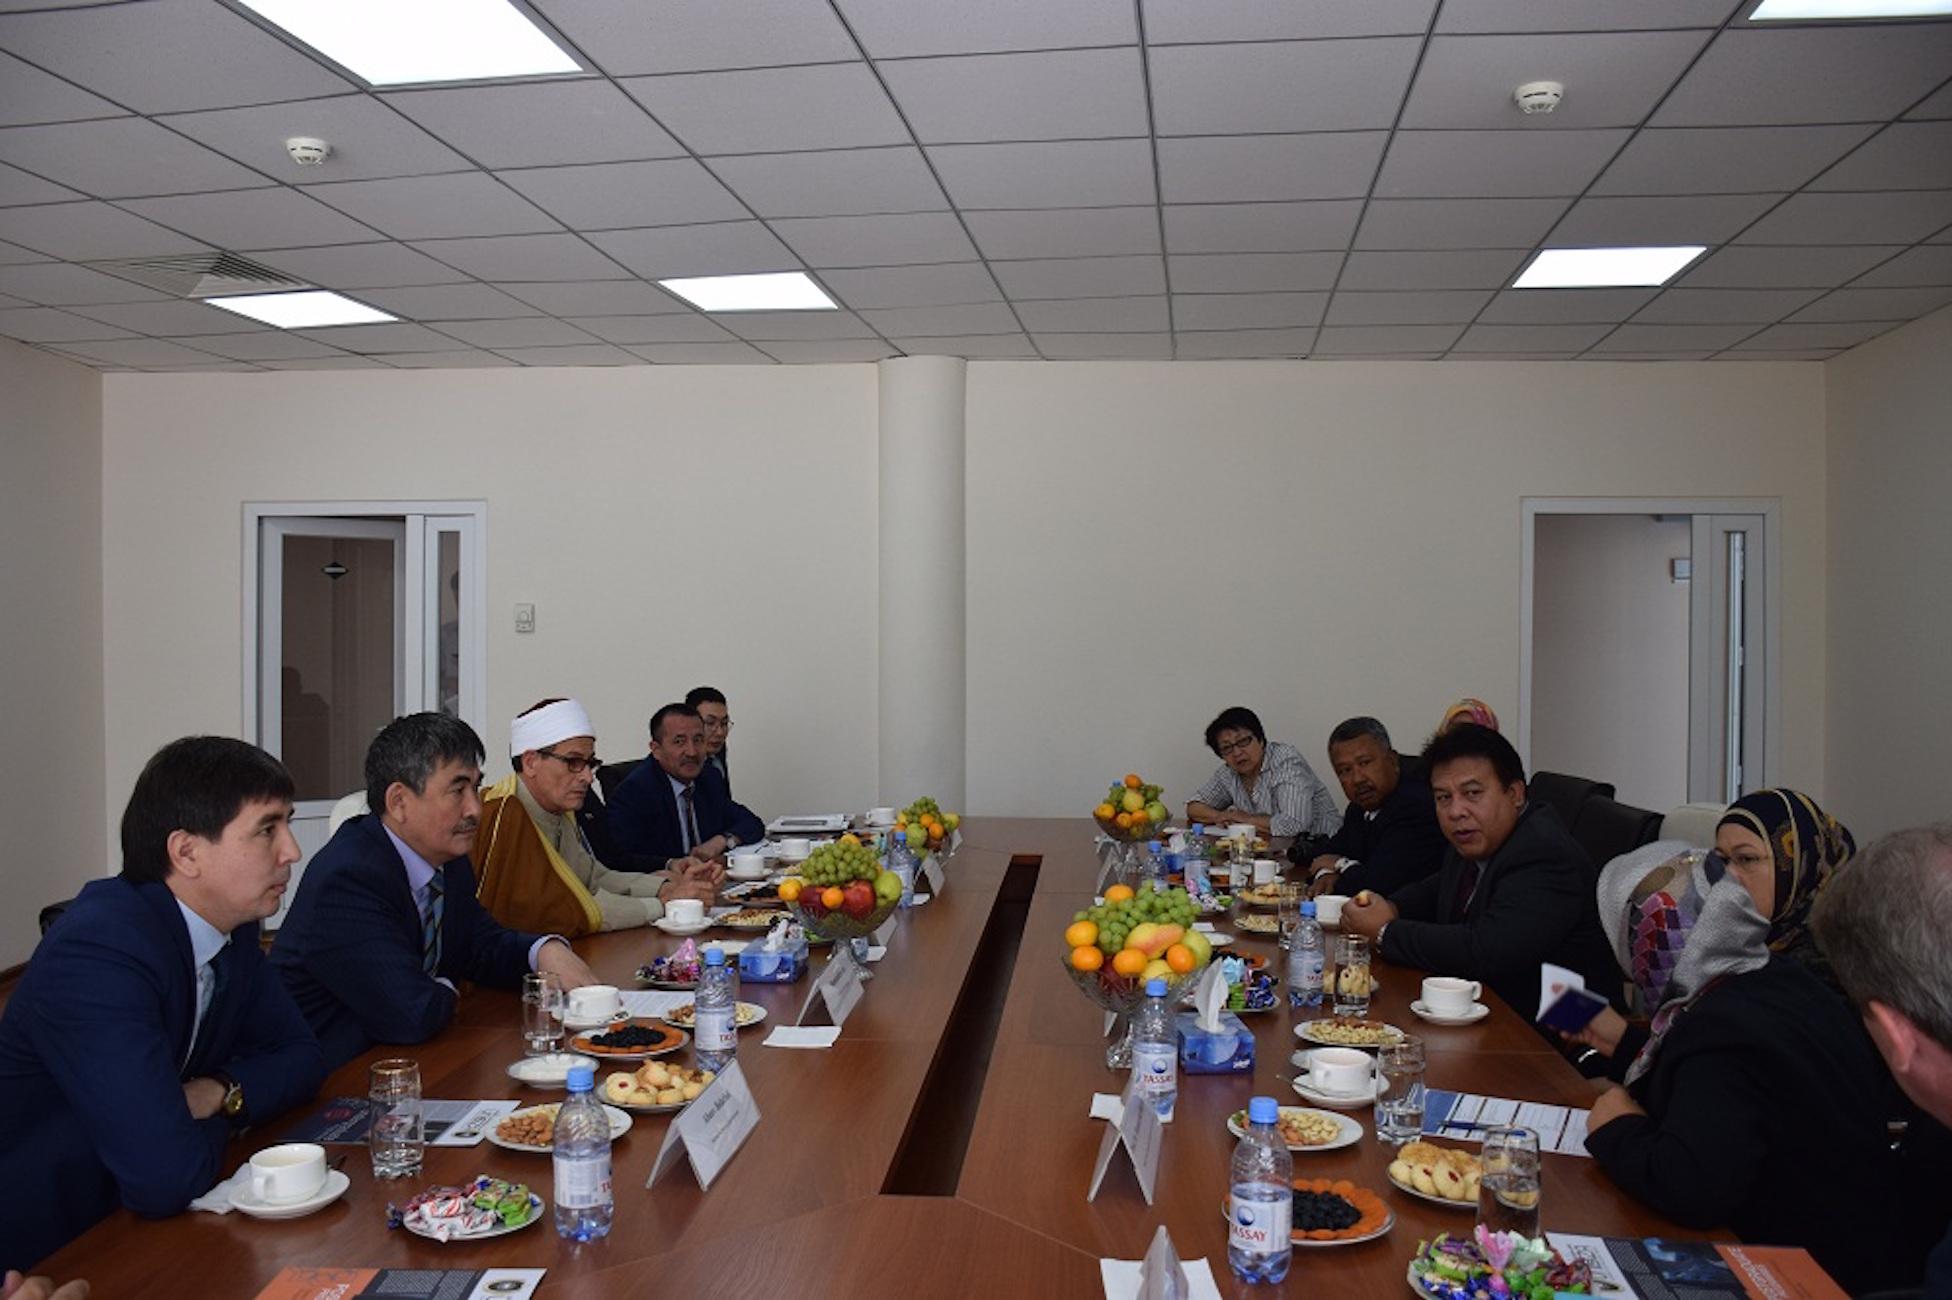 В Казахстане борются с экстремизмом, совершенствуя религиозное образование